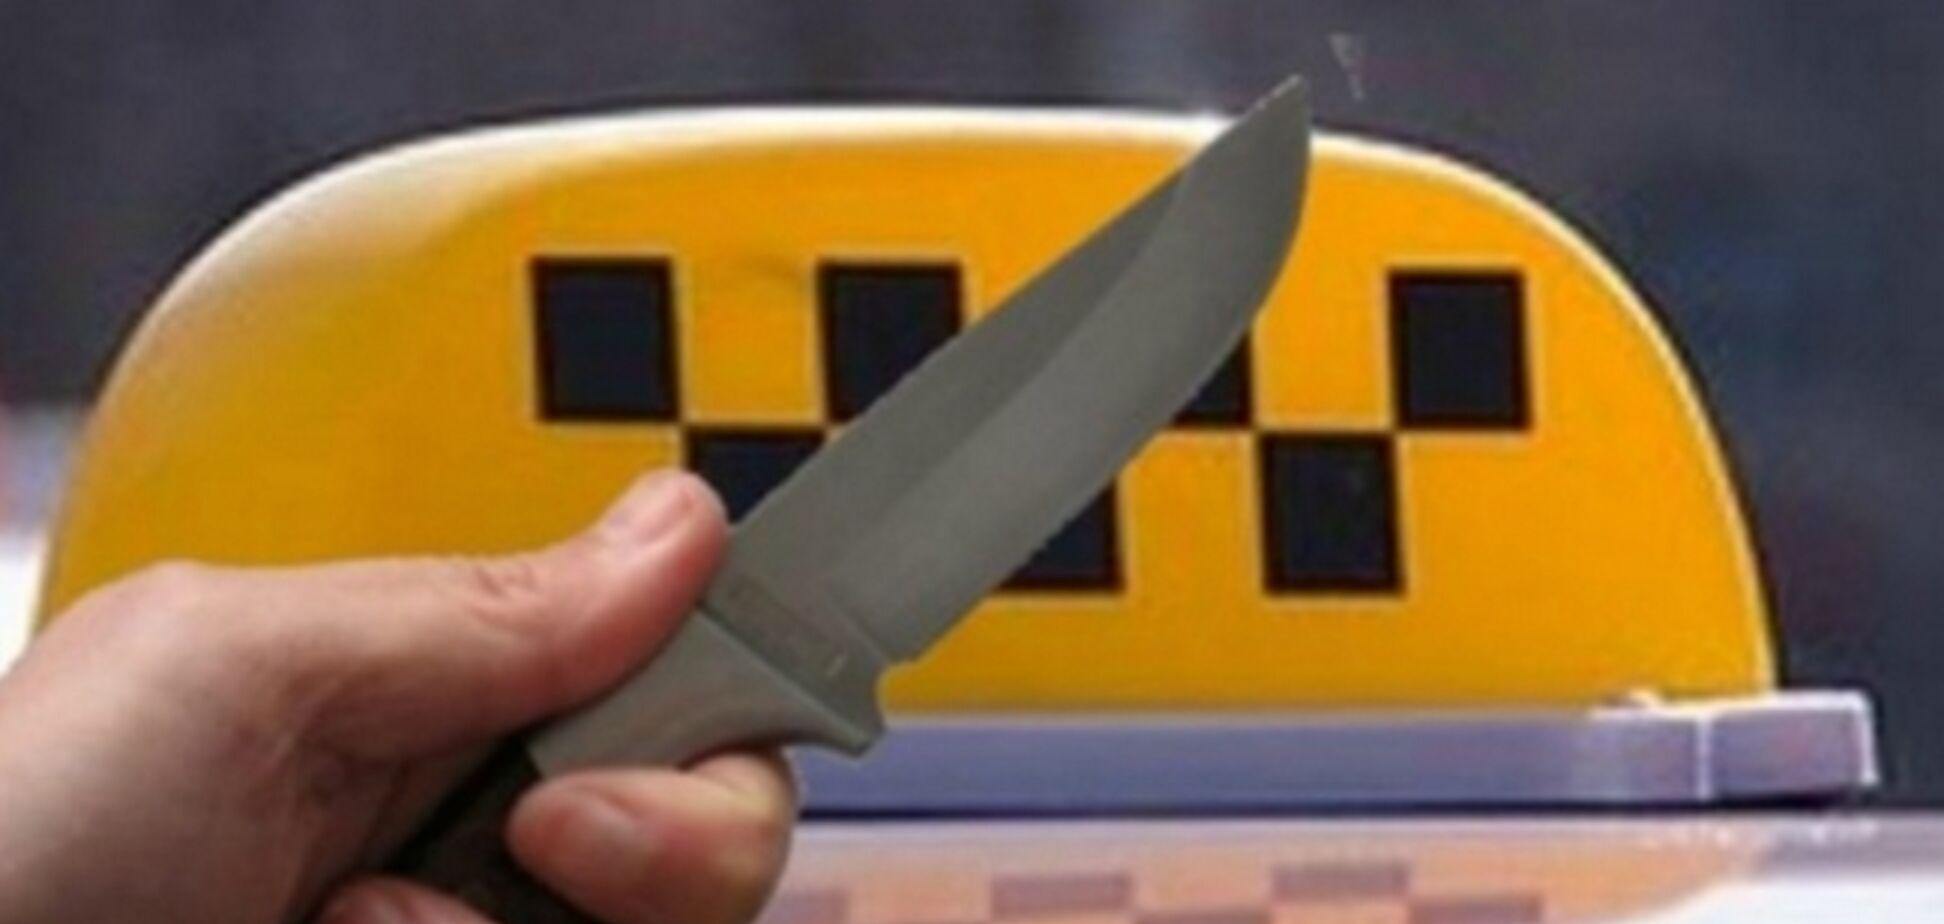 Звірячий напад на таксиста в Кривому Розі: у справі трапився новий поворот